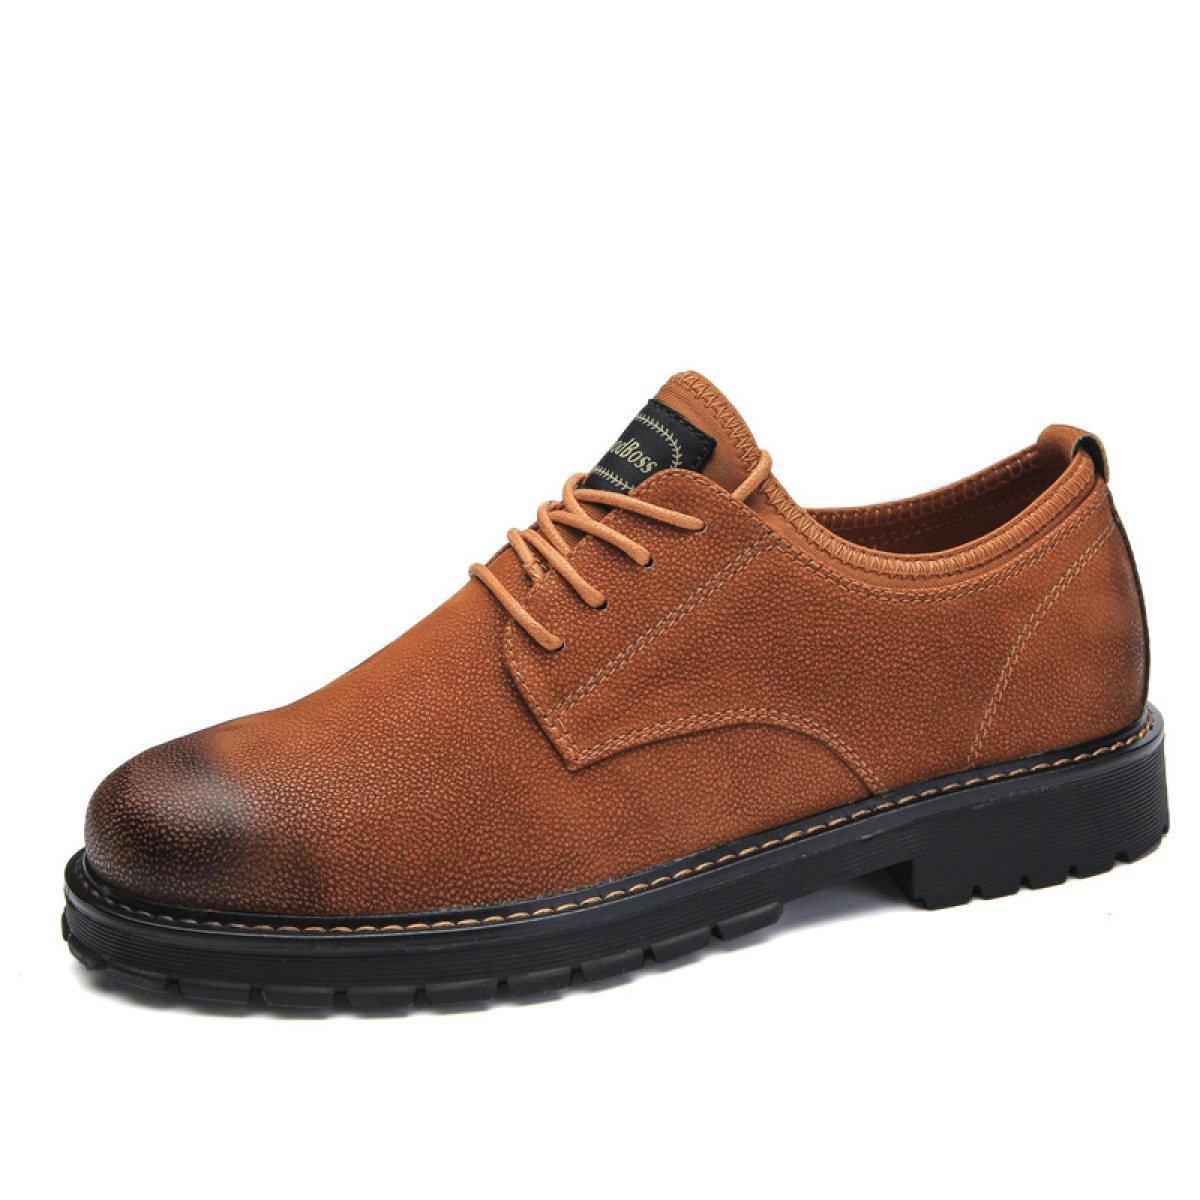 GTYMFH Herbst Koreanische Version Herrenschuhe Große Schuhe Freizeitschuhe Wild Schuhe England Schuhe